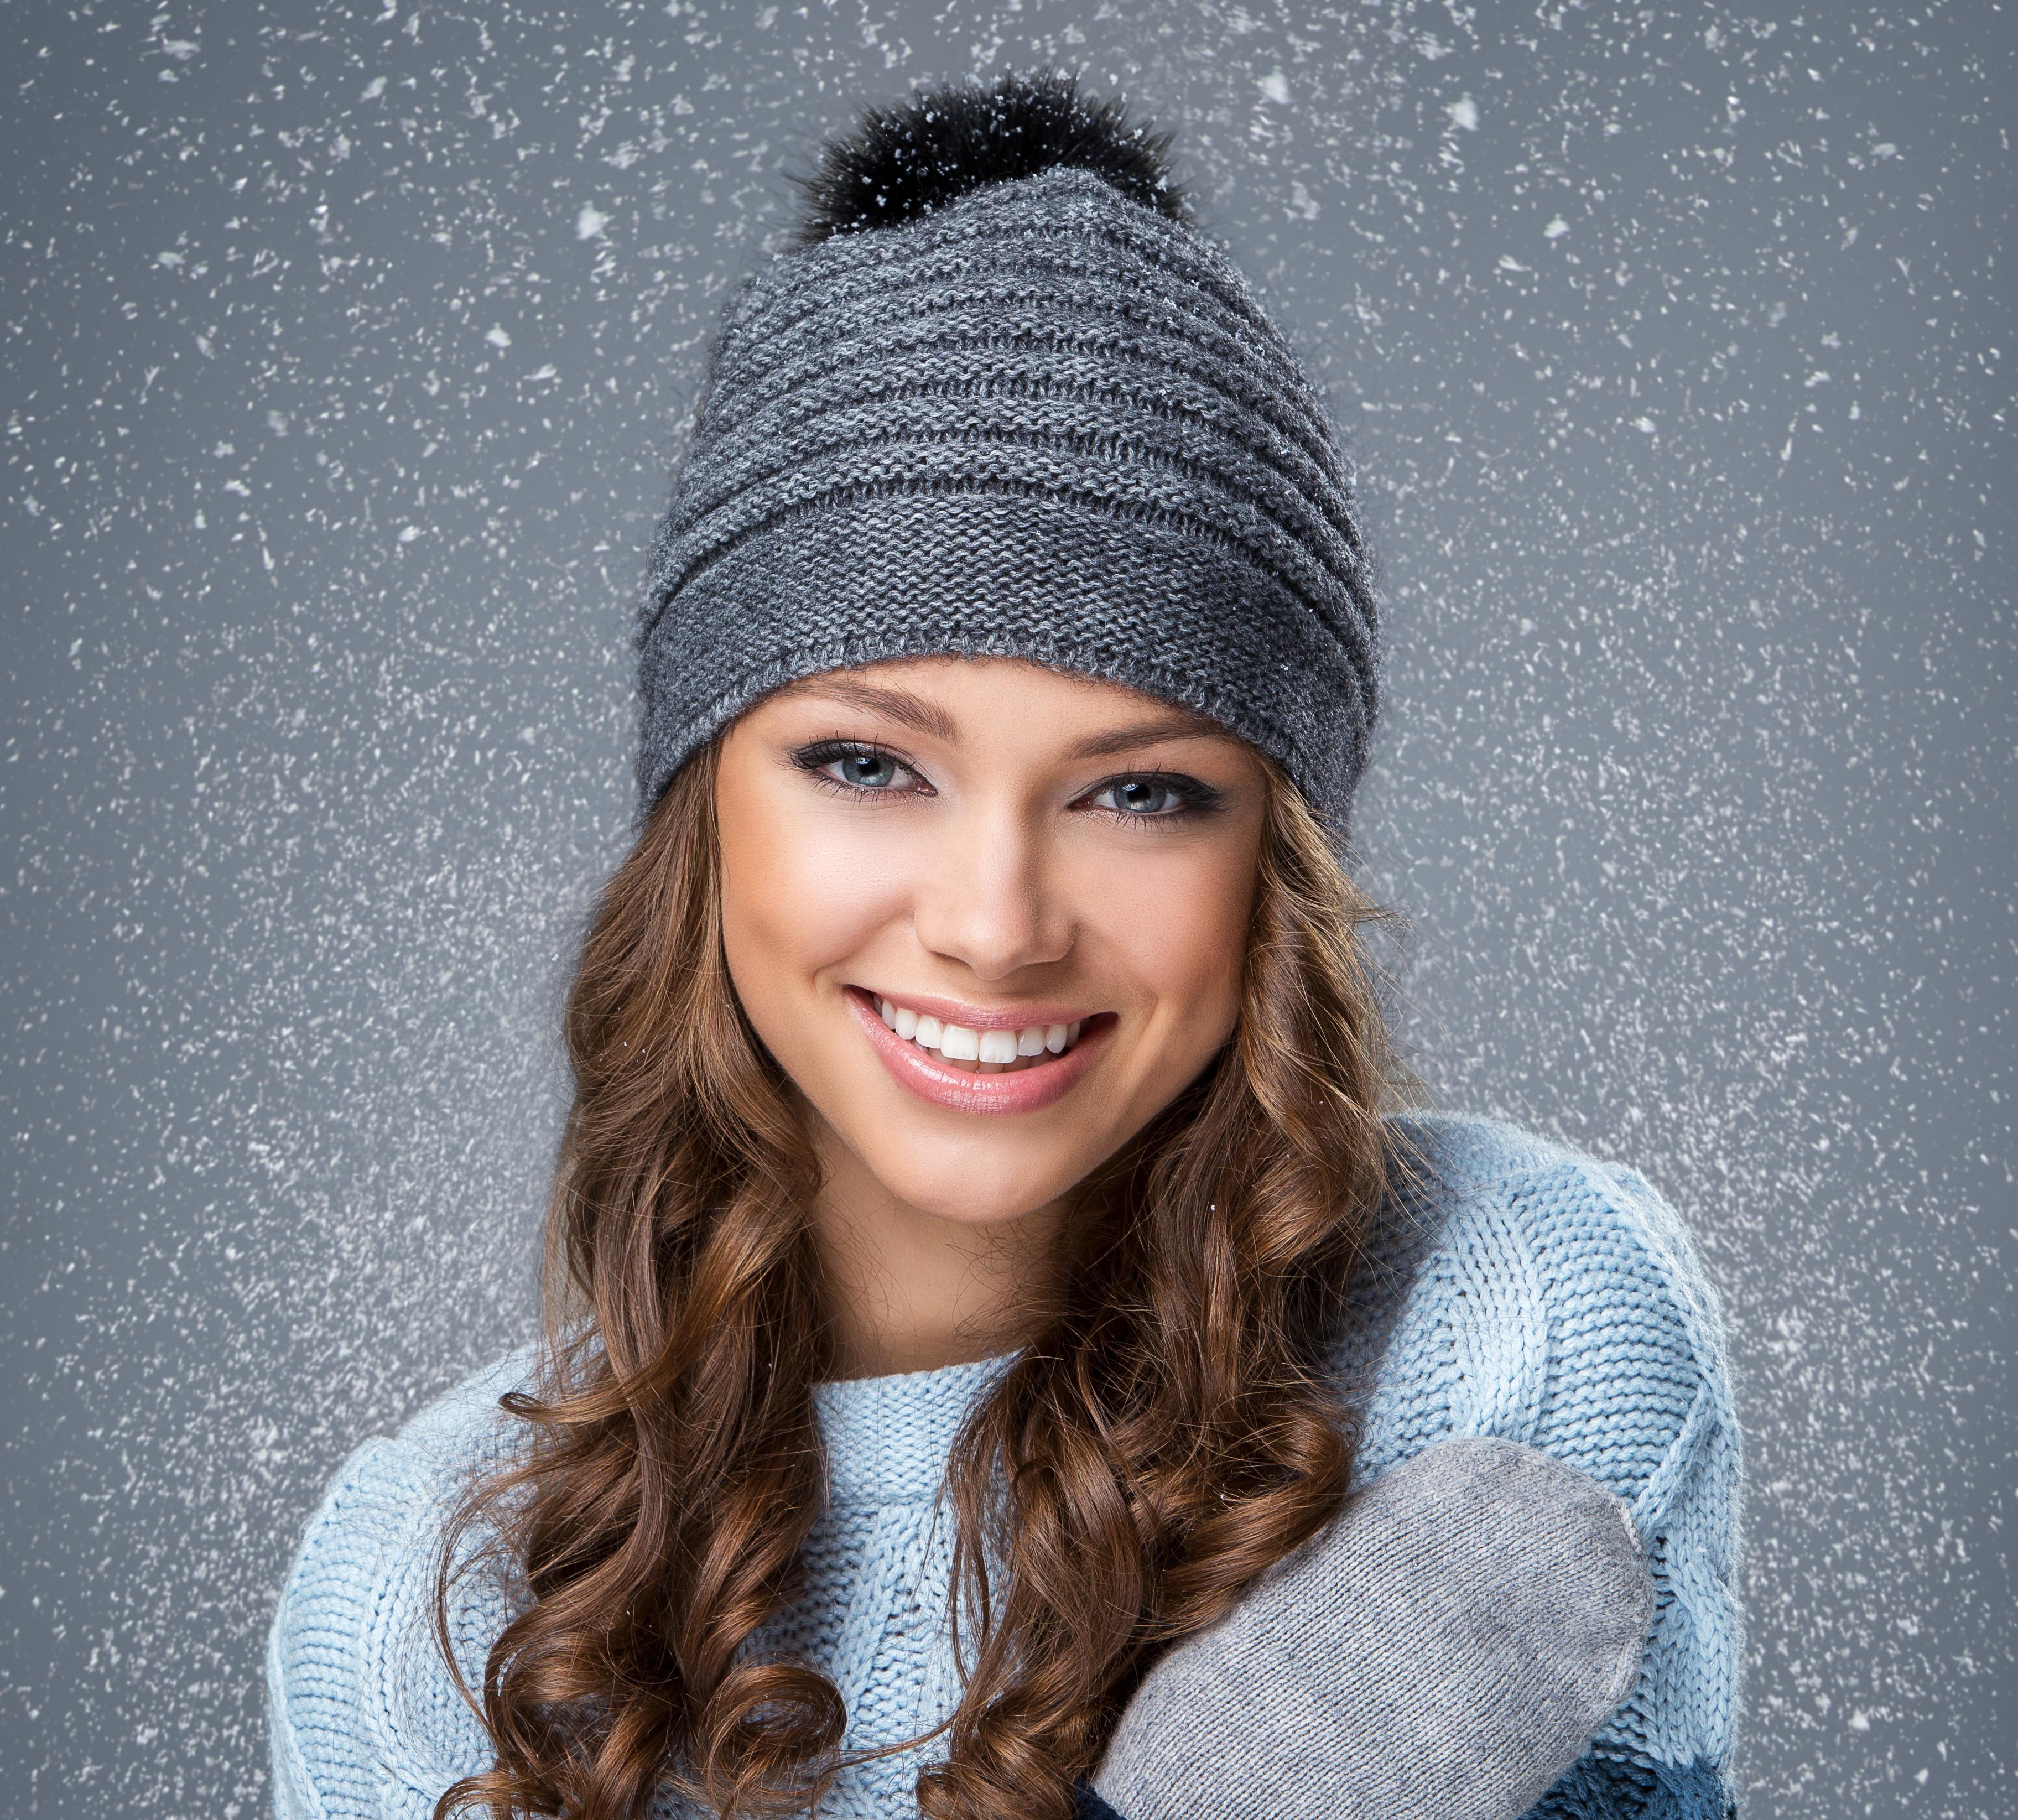 Картинки мейкап улыбается Лицо шапка волос молодая женщина 3648x3290 Макияж Улыбка косметика на лице лица Шапки Волосы в шапке девушка Девушки молодые женщины